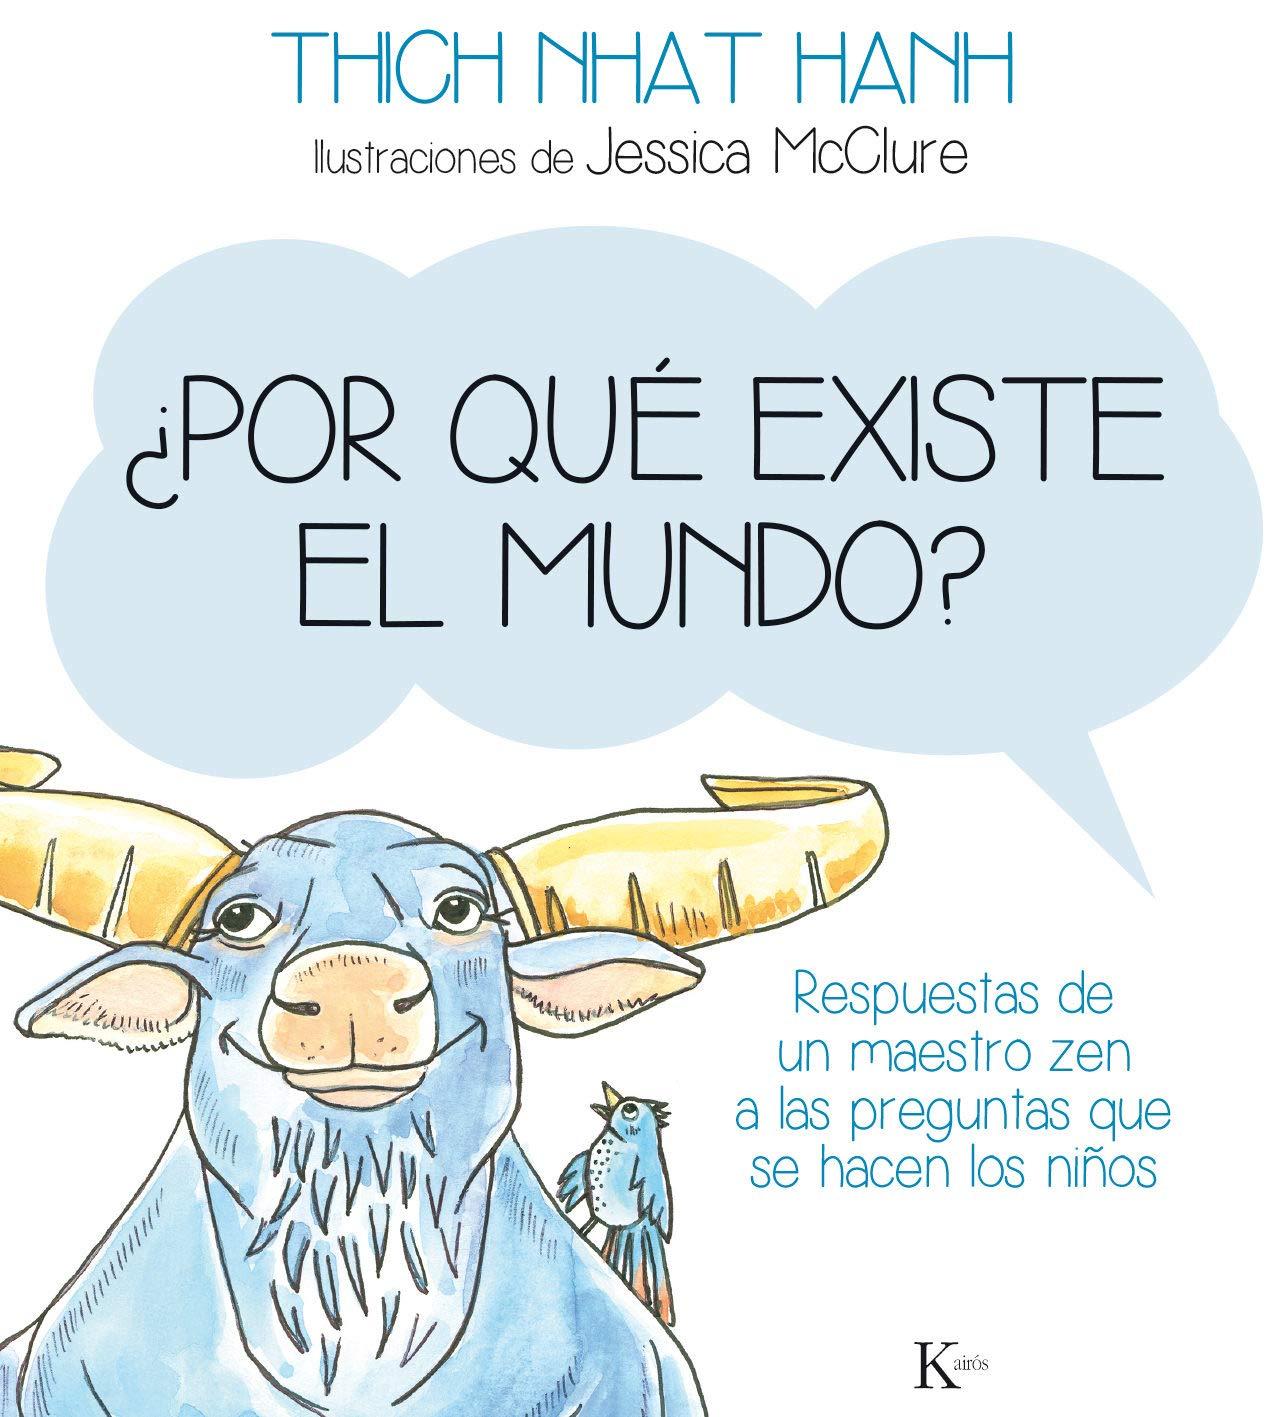 ¿Por qué existe el mundo?: Respuestas de un maestro zen a las preguntas que se hacen los niños (Spanish Edition)